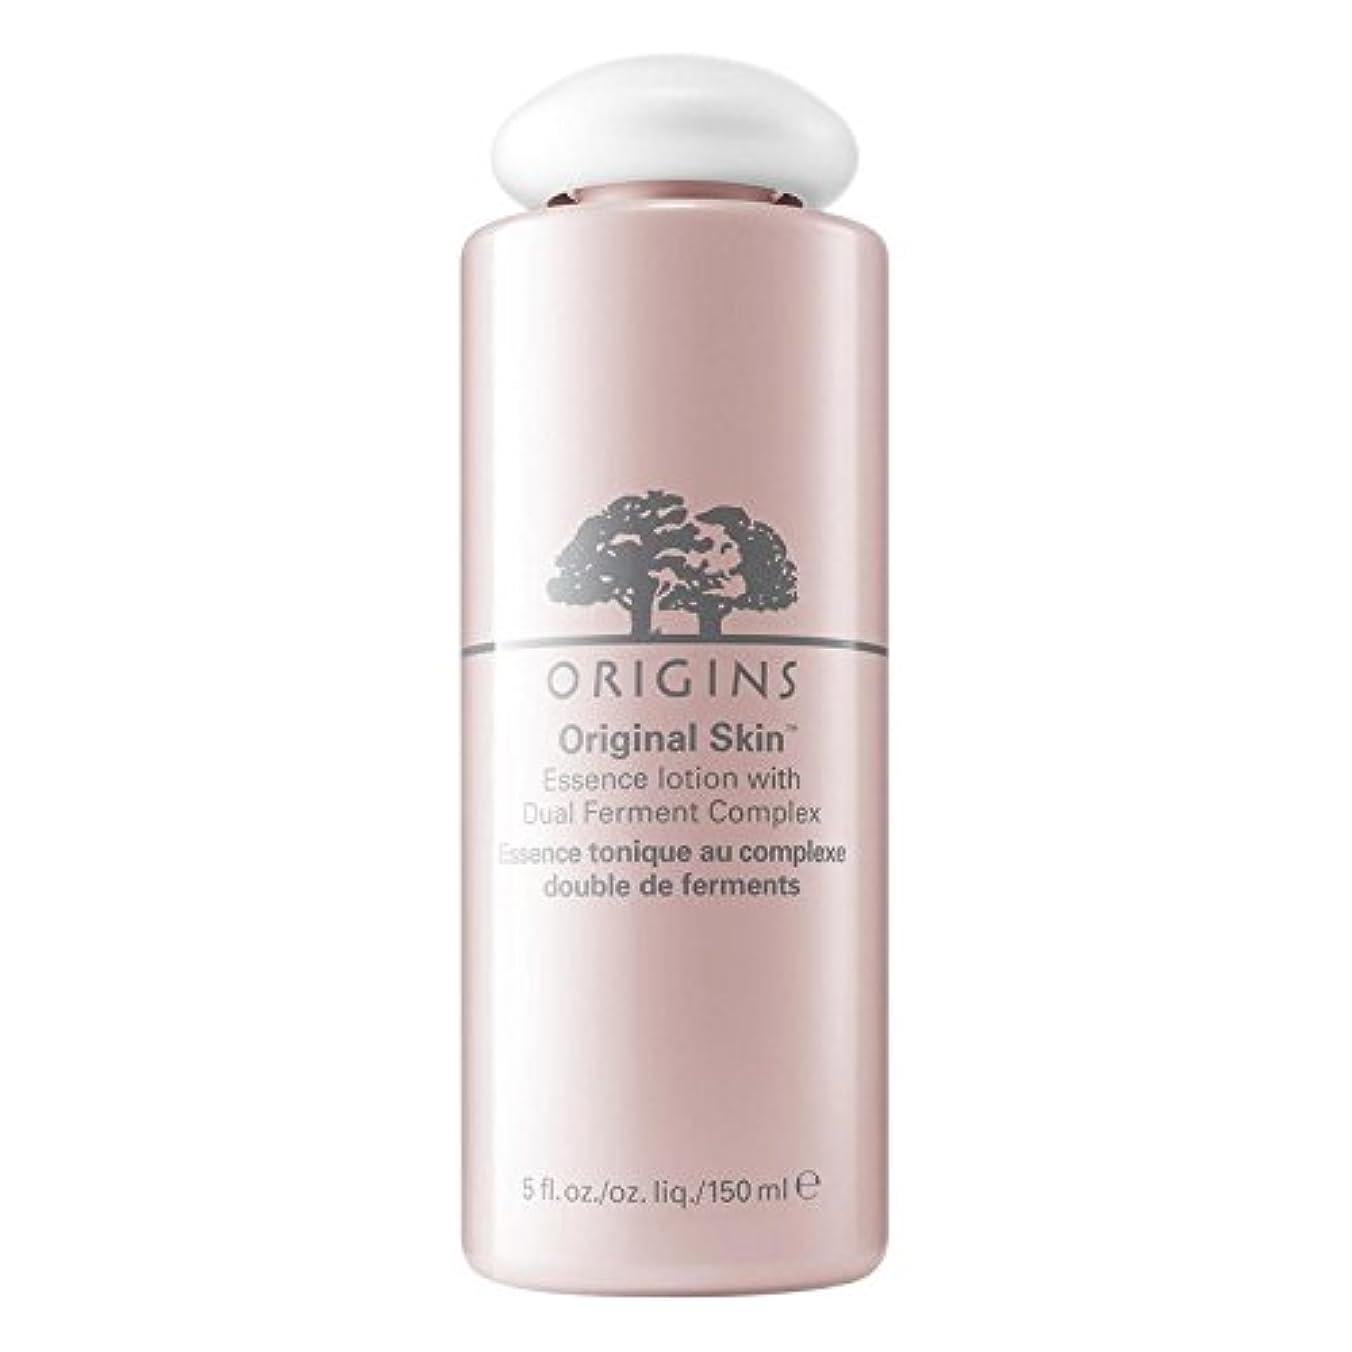 出会いしてはいけないナットOrigins Original Skin Essence Lotion 150ml (Pack of 6) - 起源オリジナルスキンエッセンスローション150 x6 [並行輸入品]